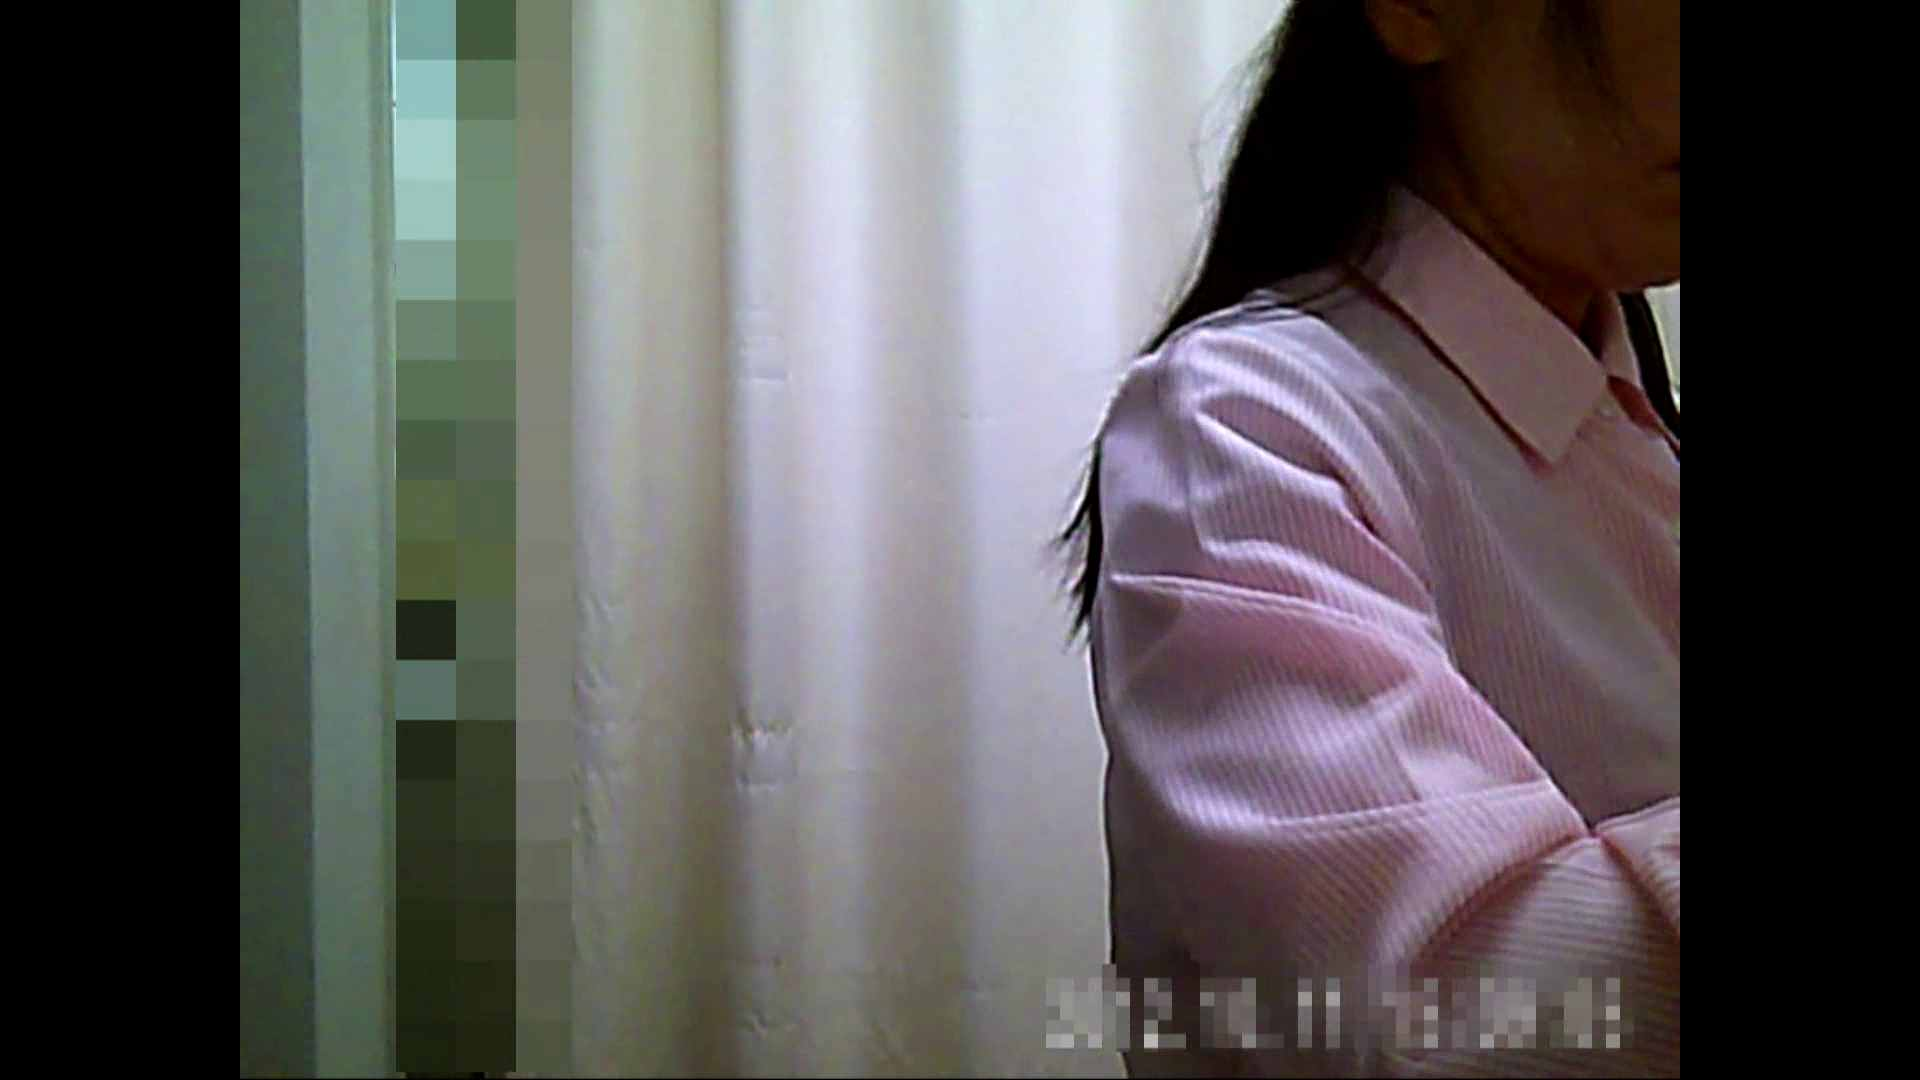 元医者による反抗 更衣室地獄絵巻 vol.062 盛合せ 濡れ場動画紹介 65画像 44